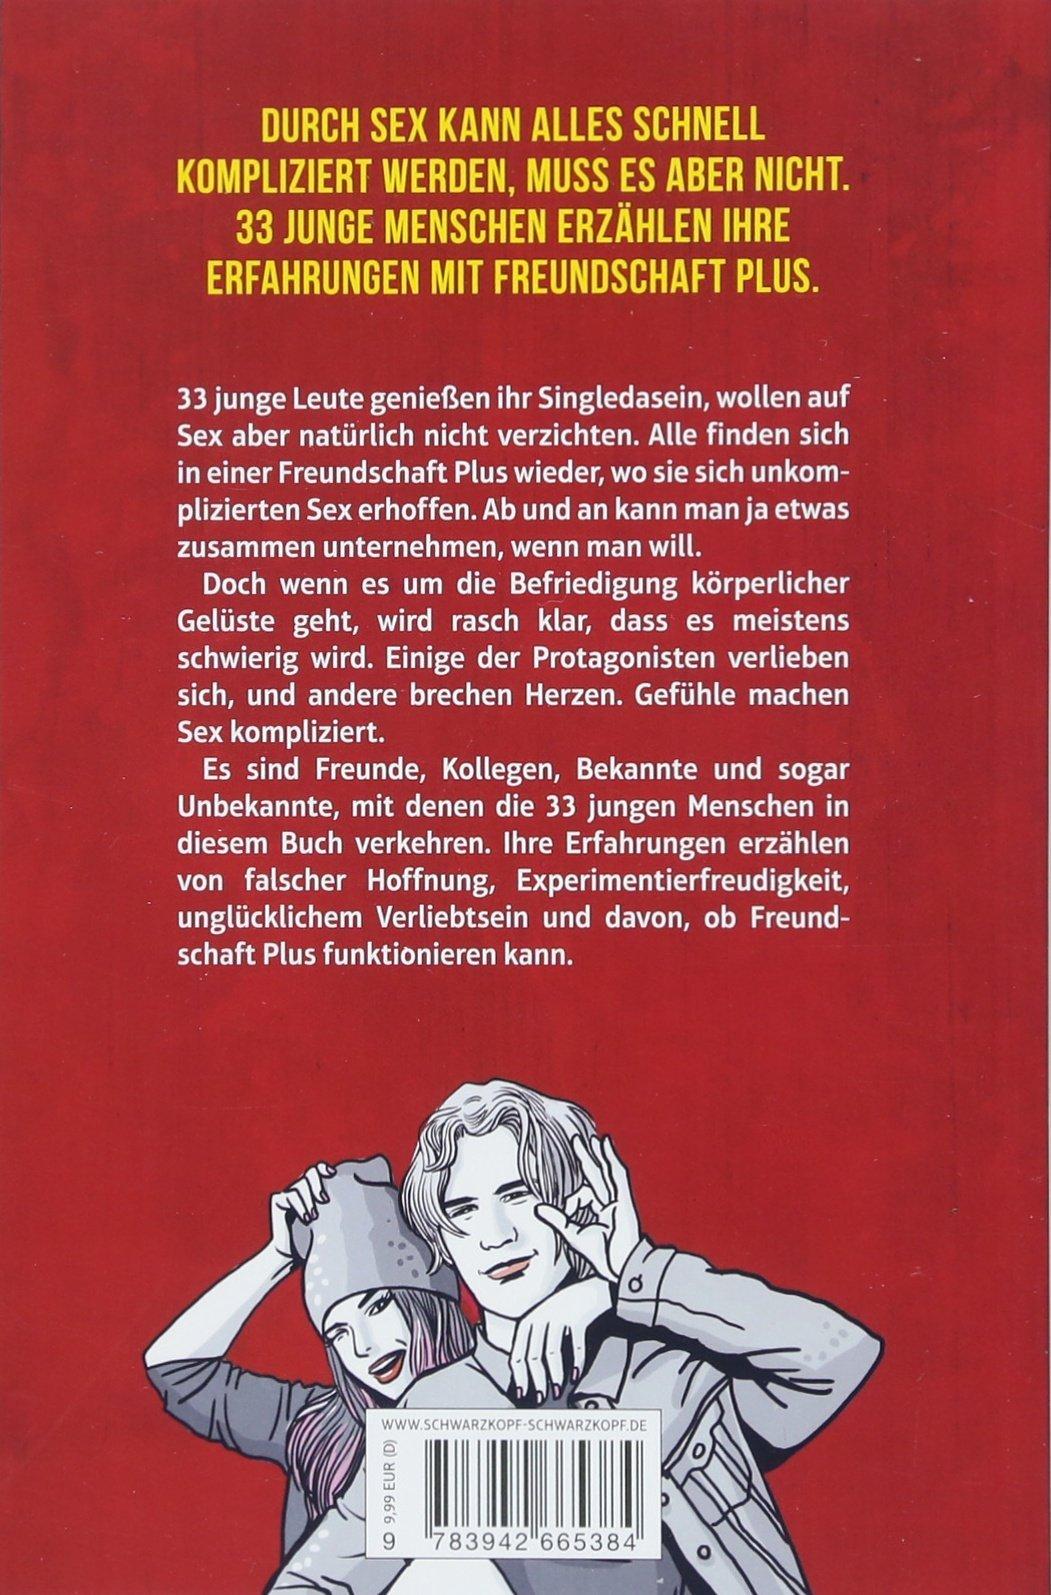 Freundschaft Plus Wikipedia